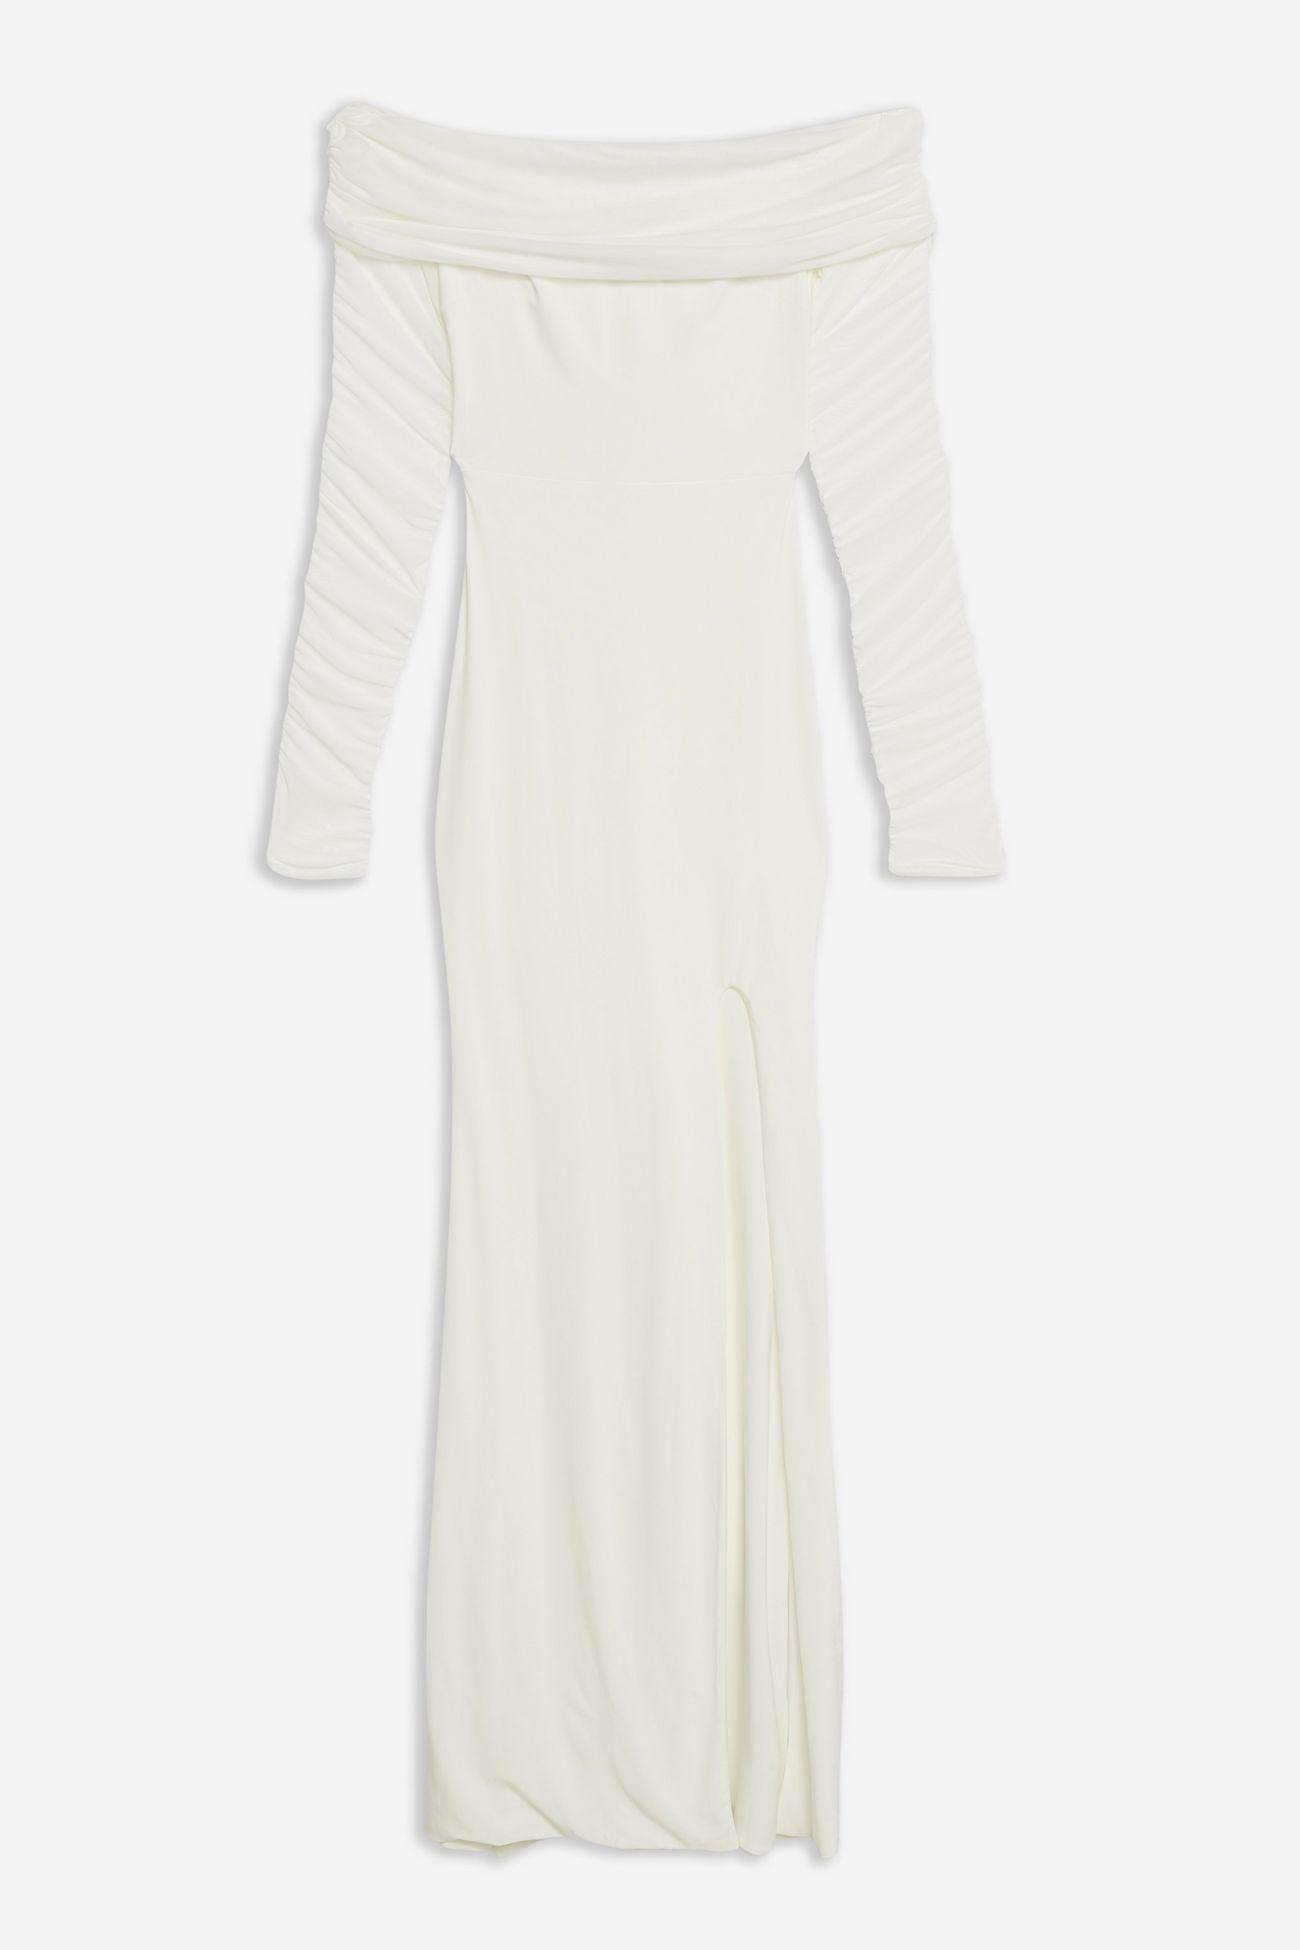 Ruched Mesh Bardot Maxi Dress By Club L